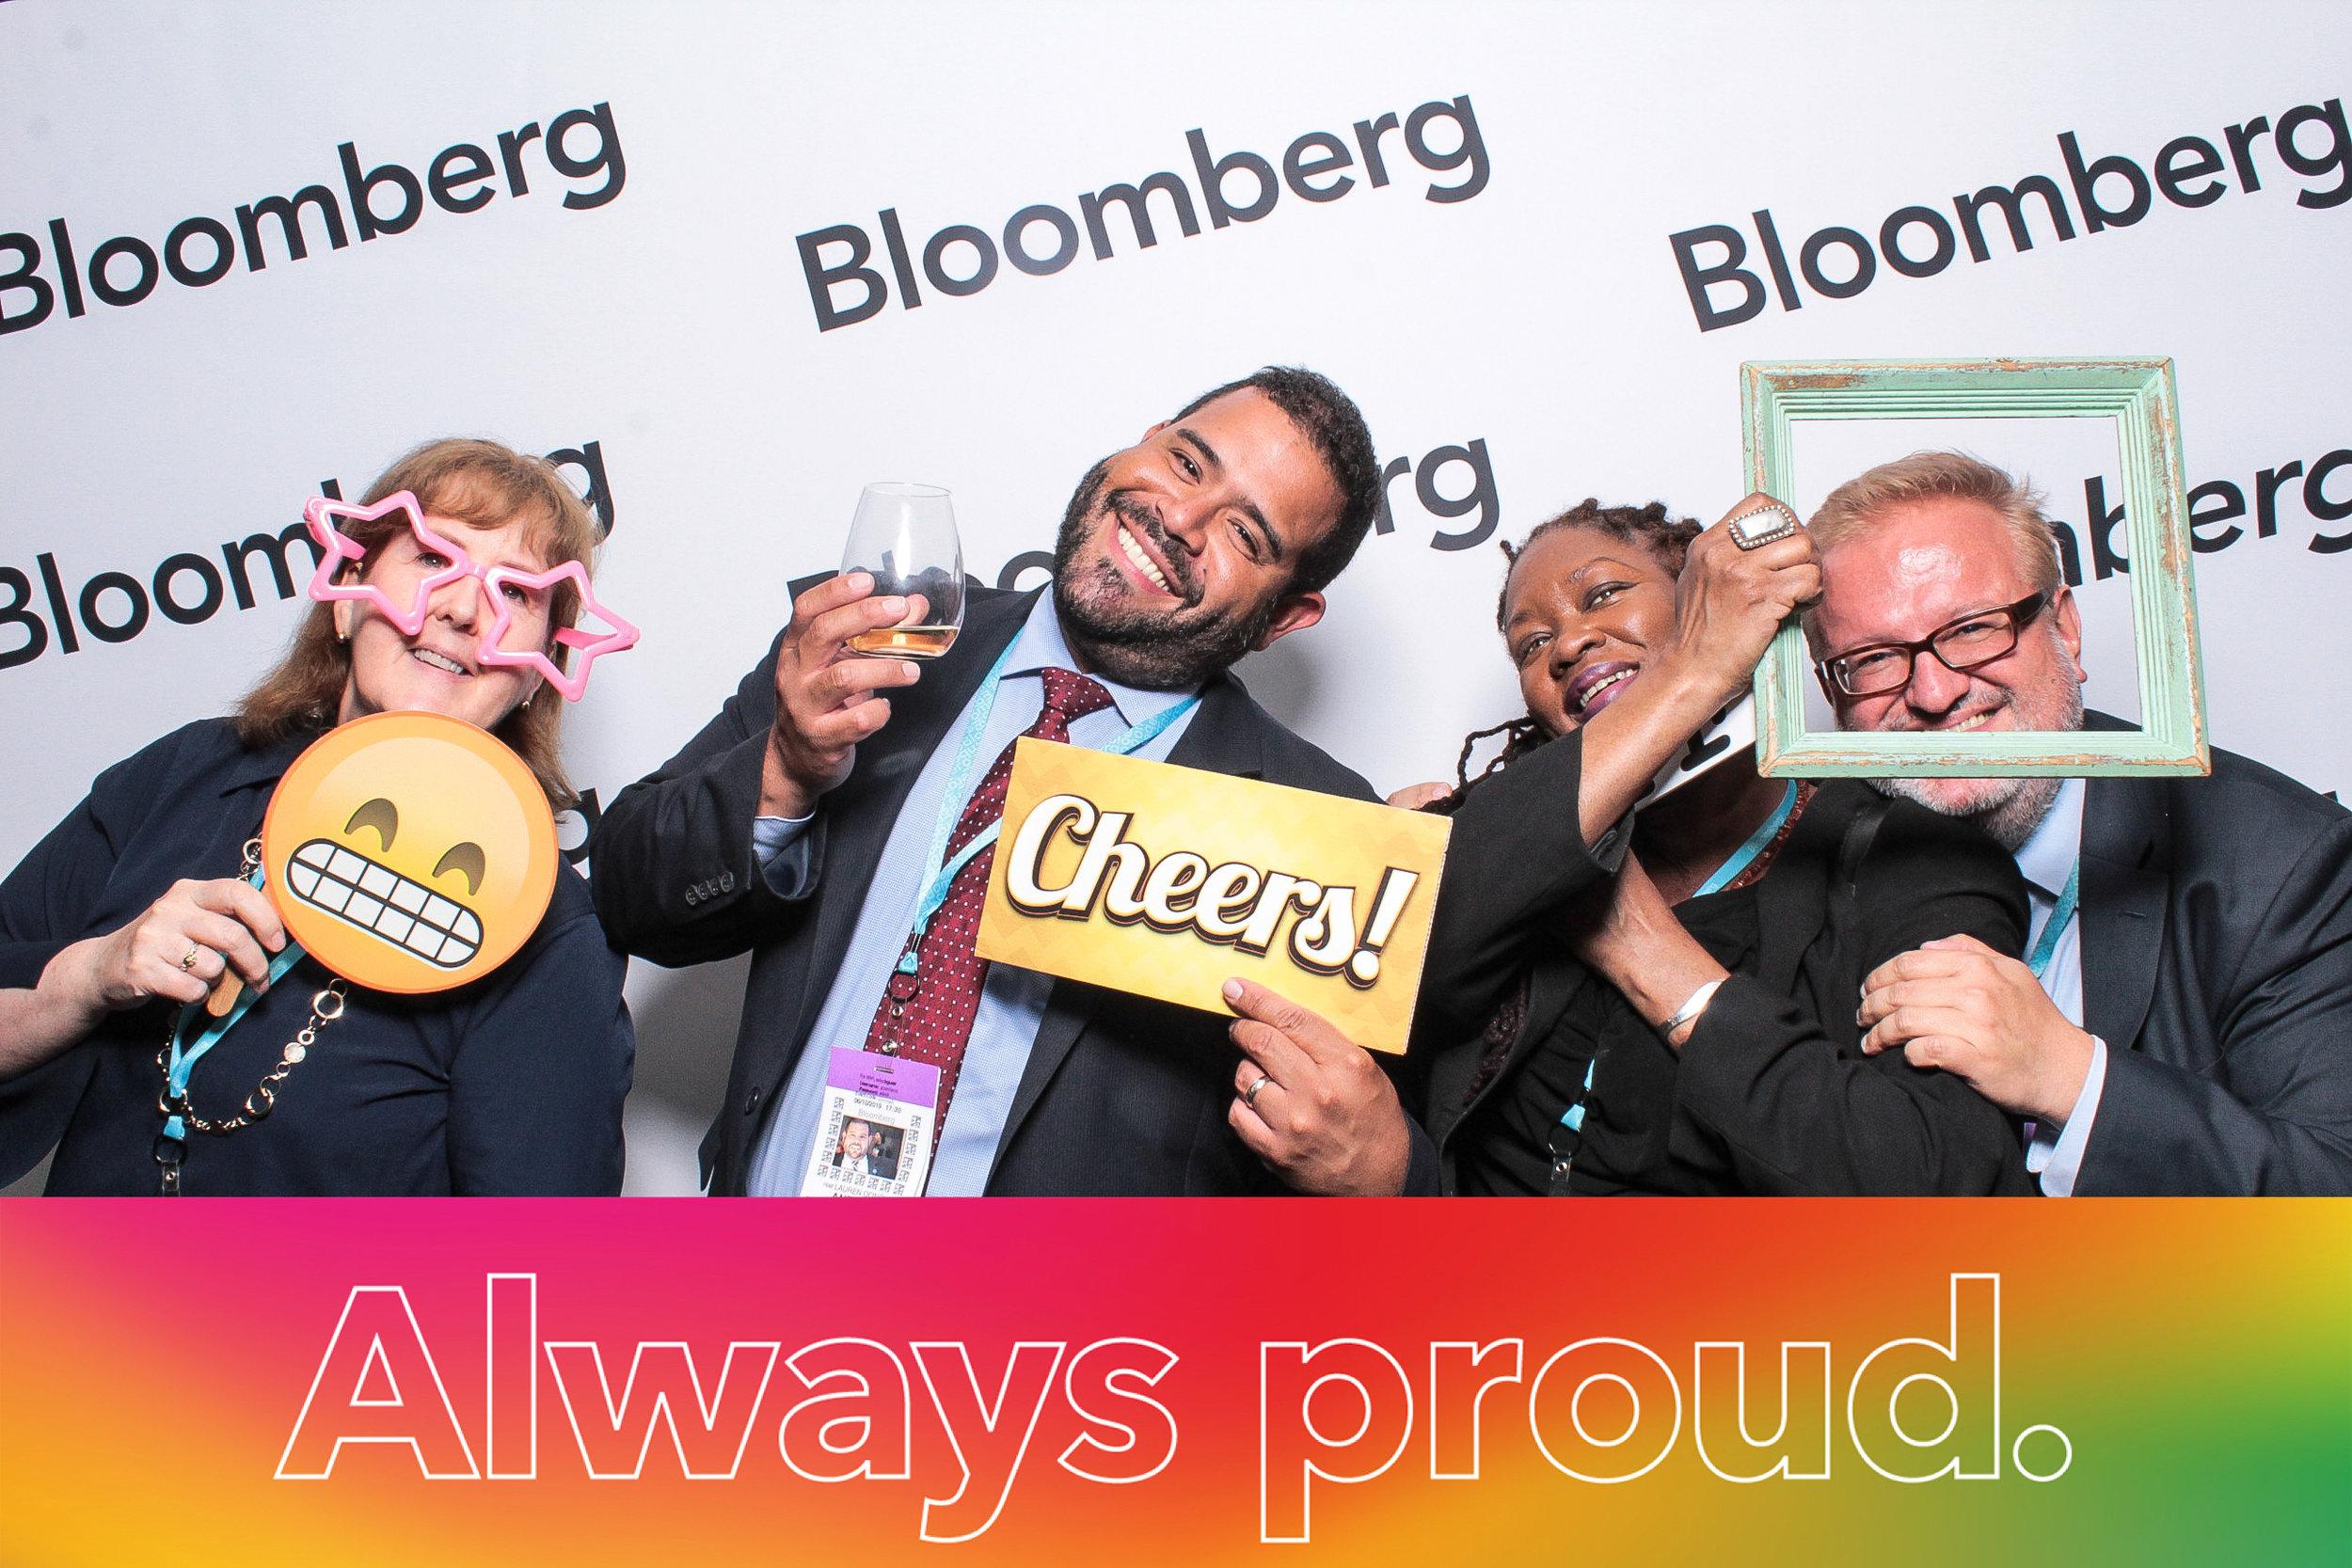 20190610_Bloomberg-099.jpg